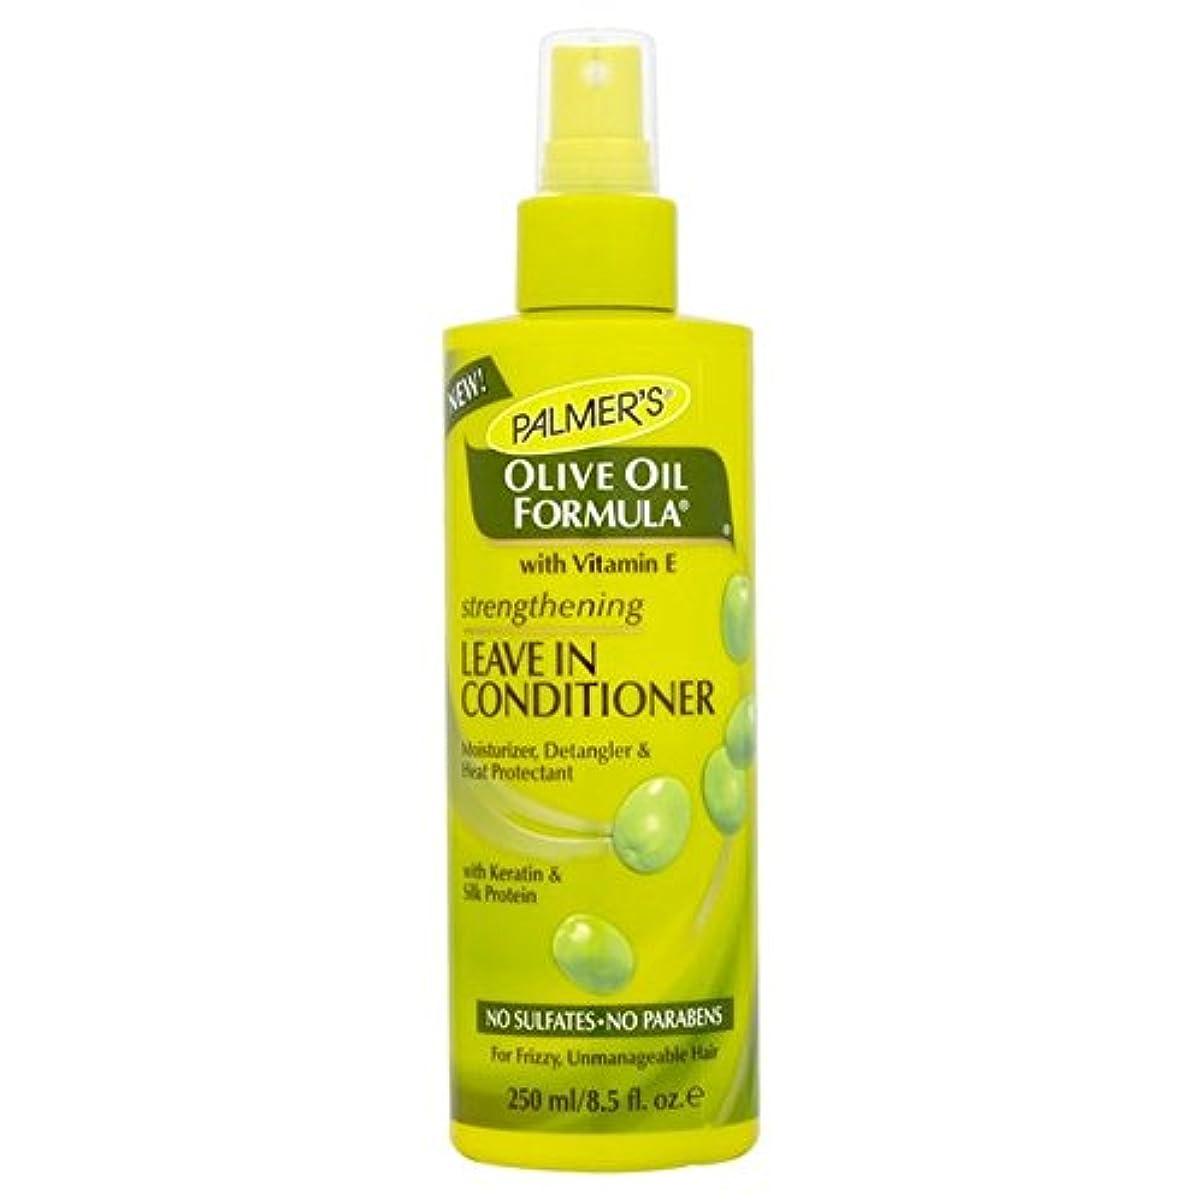 薬局ぞっとするような文房具リーブインコンディショナー250を強化パーマーのオリーブオイル式 x2 - Palmer's Olive Oil Formula Strengthening Leave-in Conditioner 250ml (Pack...